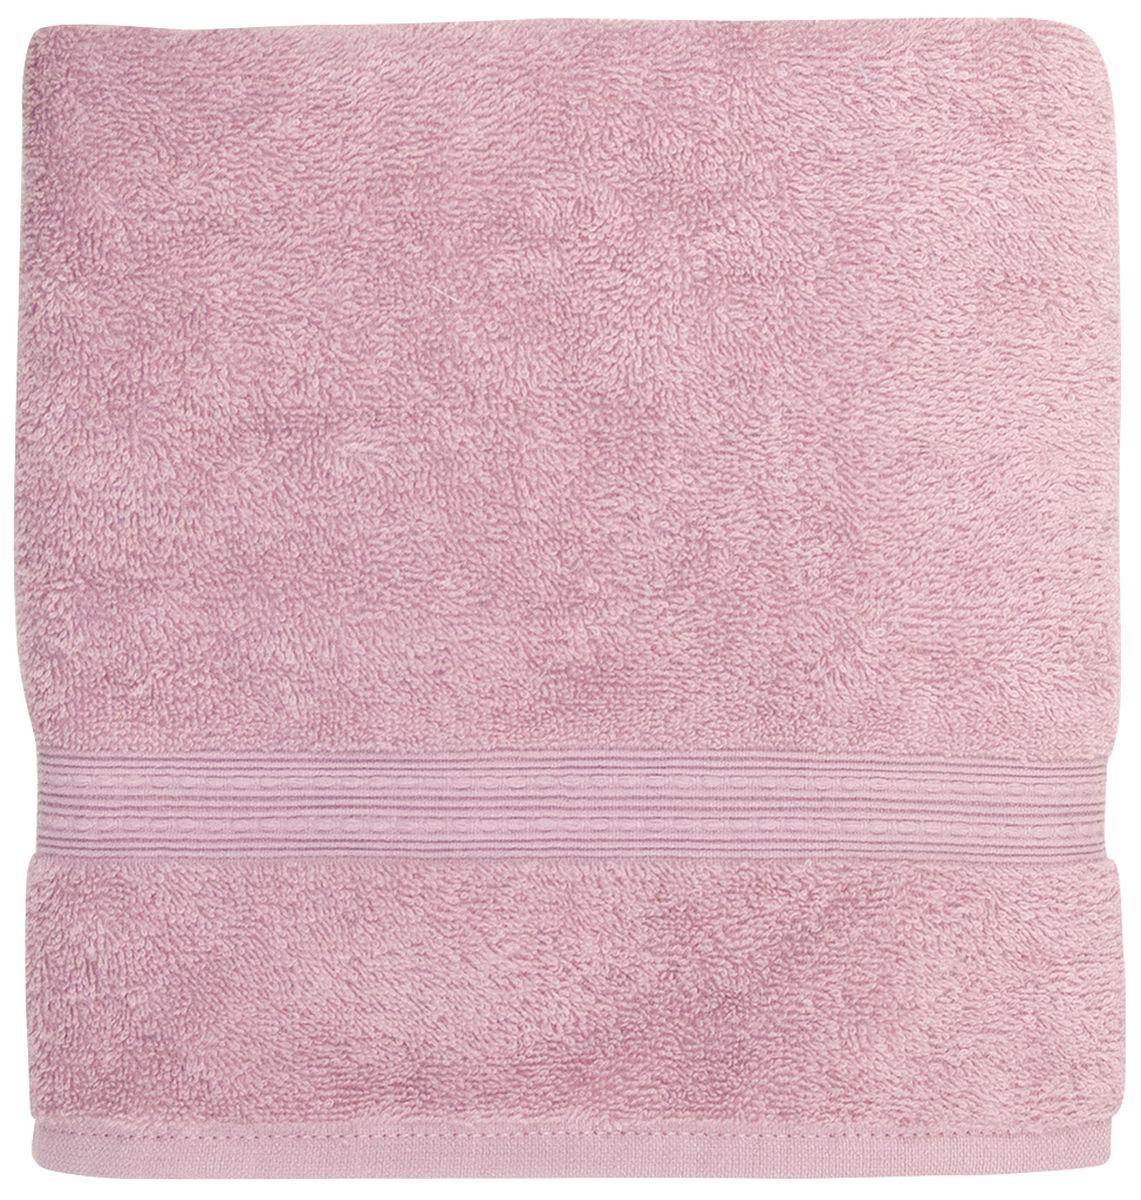 Полотенце банное Bonita Classic, цвет: лаванда, 70 х 140 см97775318Банное полотенце Bonita Classic выполнено из 100% хлопка. Изделие отлично впитывает влагу, быстро сохнет, сохраняет яркость цвета и не теряет форму даже после многократных стирок. Такое полотенце очень практично и неприхотливо в уходе. Оно создаст прекрасное настроение и украсит интерьер в ванной комнате.